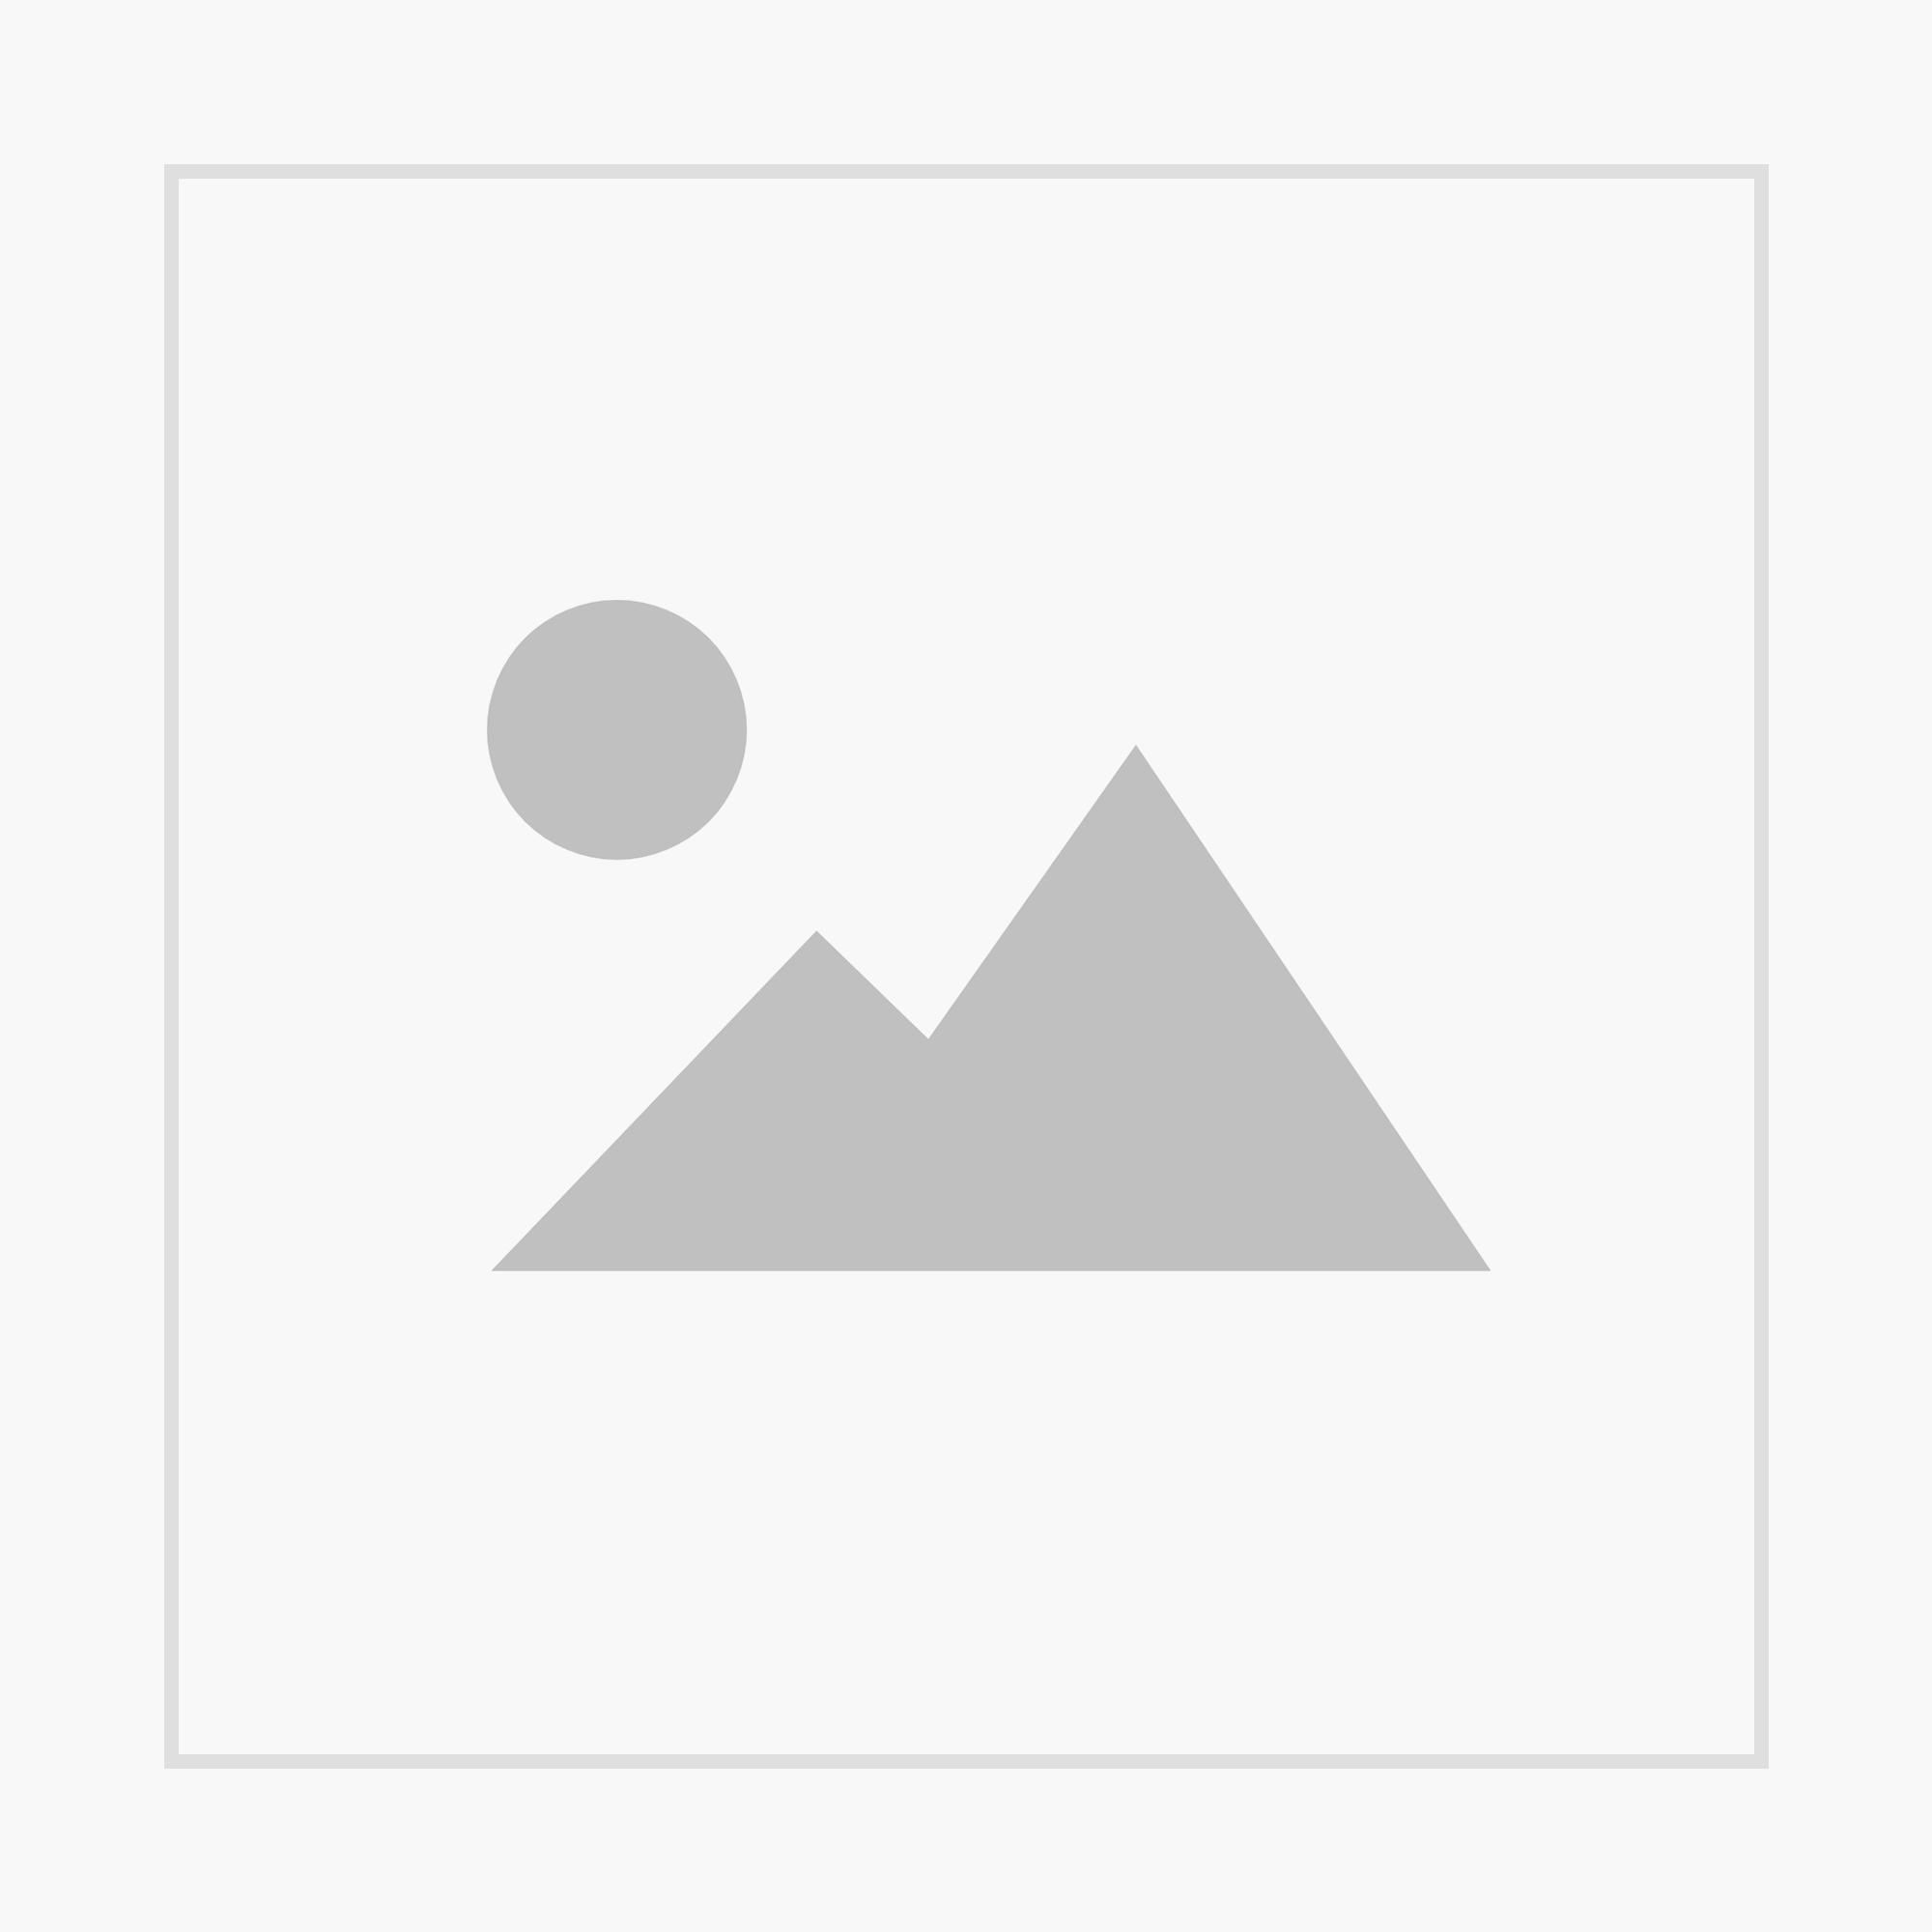 NaBiV Heft 145: Wälder mit natürlicher Entwicklung in Deutschland: Bilanzierung und Bewertung